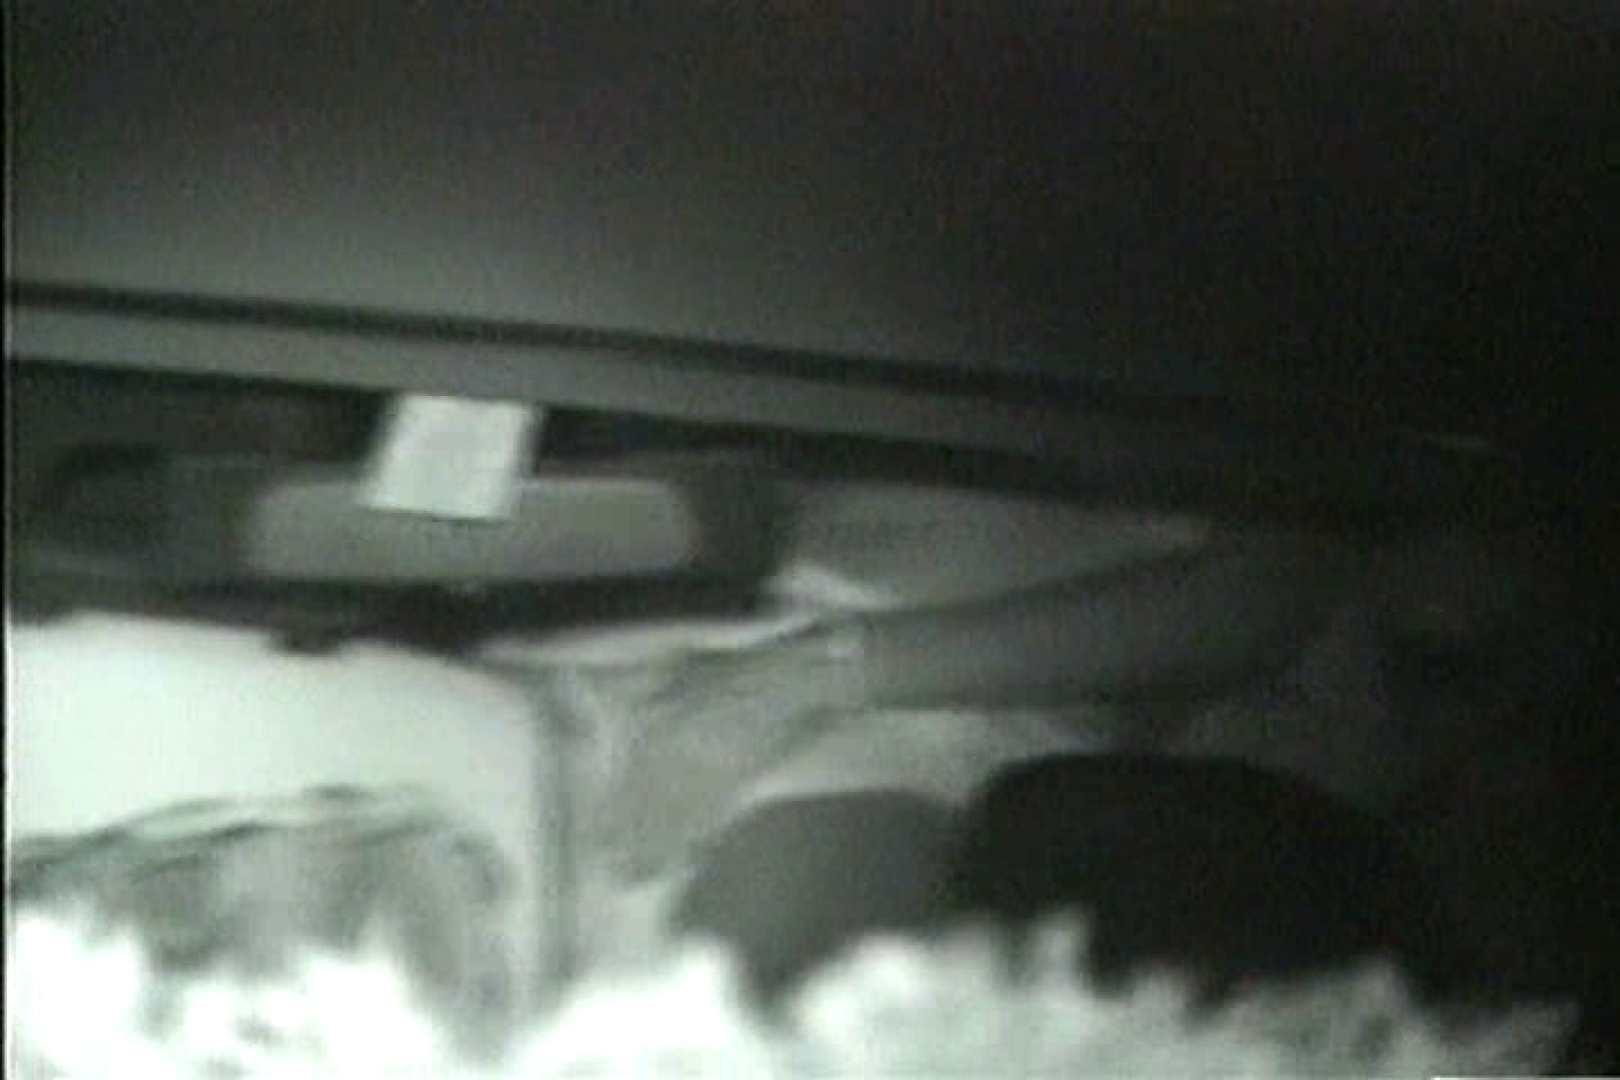 車の中はラブホテル 無修正版  Vol.10 カーセックス AV動画キャプチャ 87pic 55